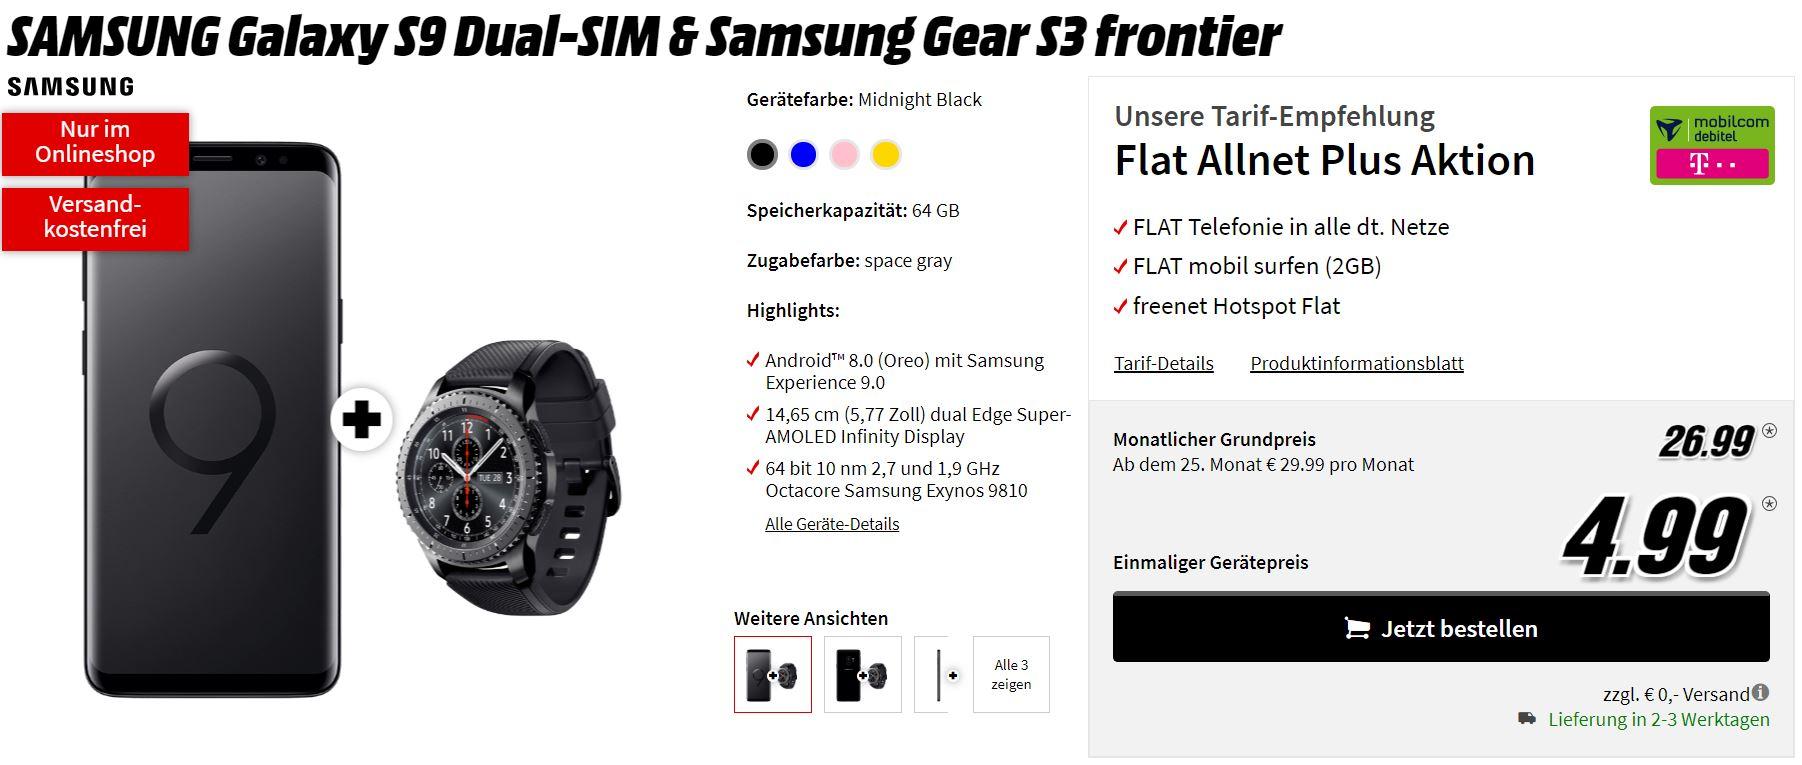 Samsung galaxy s9 mit gear s3 frontier